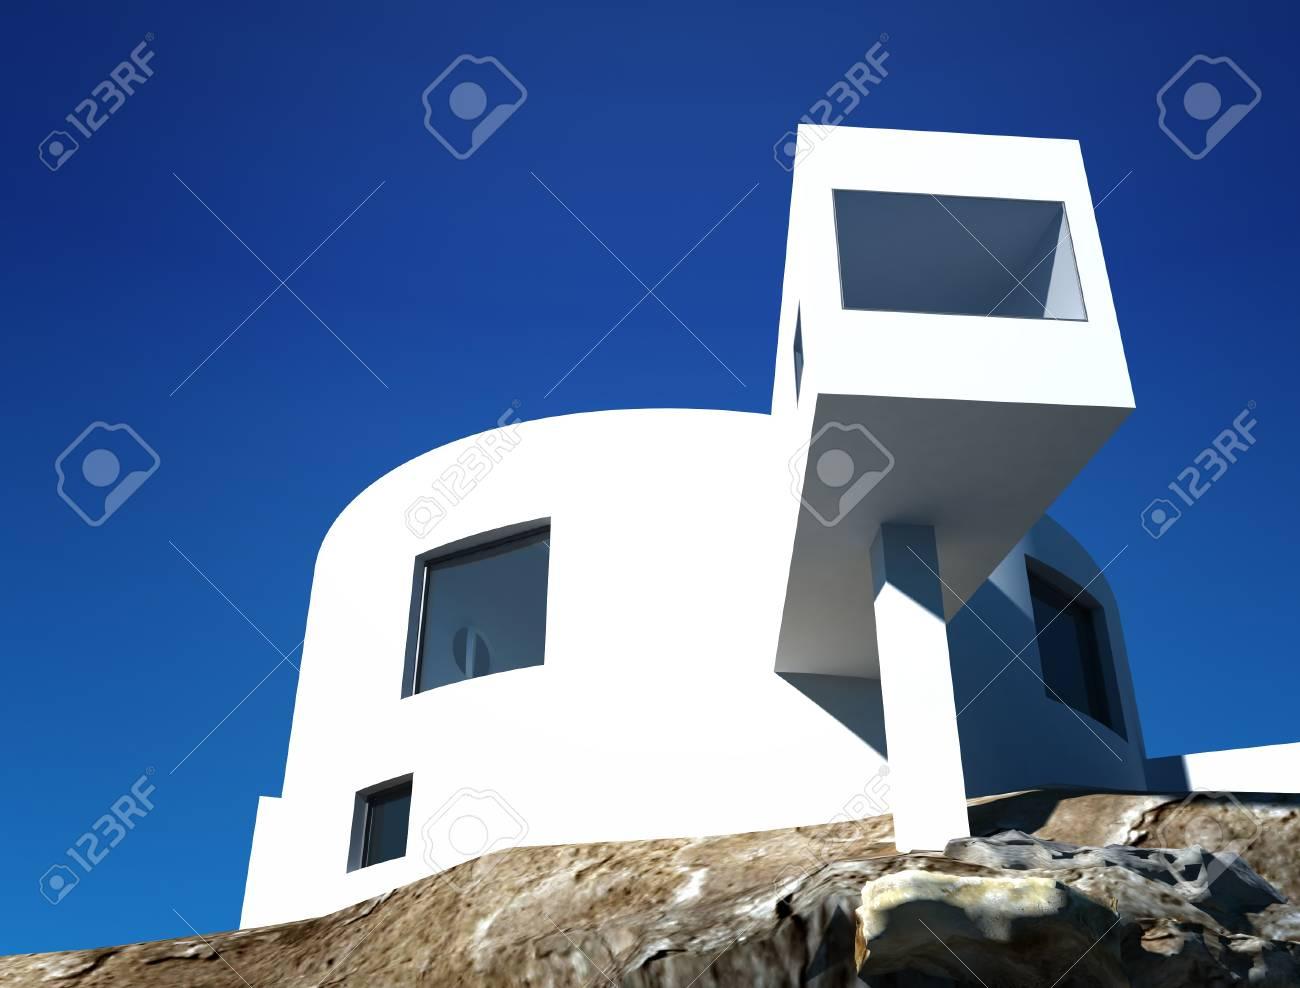 Modern Design Minimaliste Exterieur De La Maison Sur Une Falaise